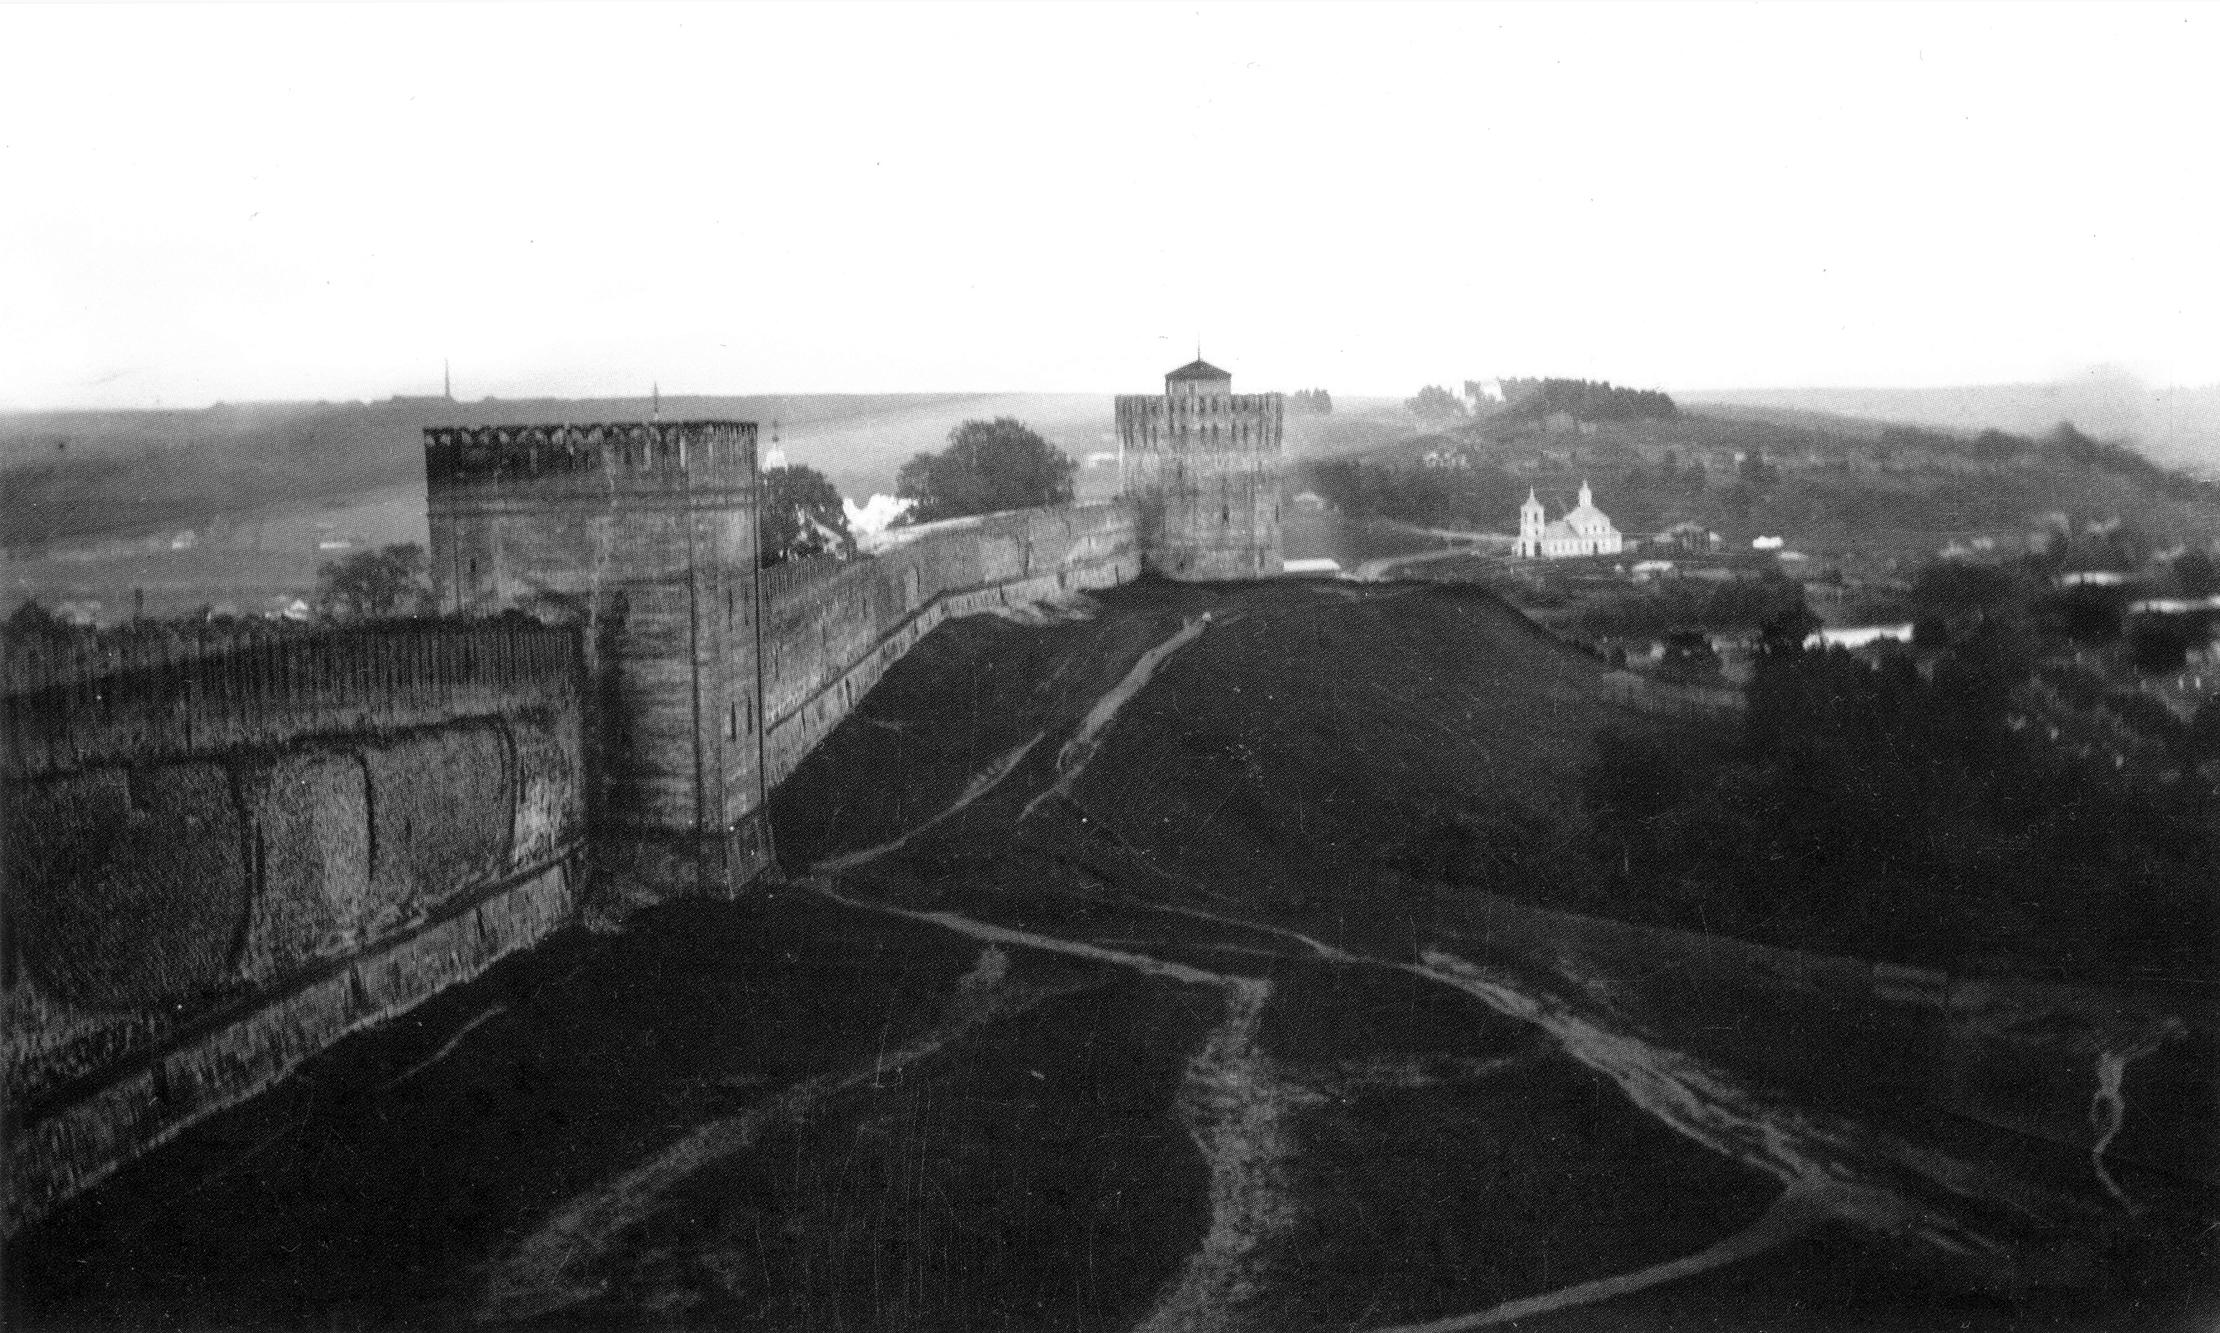 Башни Позднякова, Веселуха и Крестовоздвиженская церковь. 1907